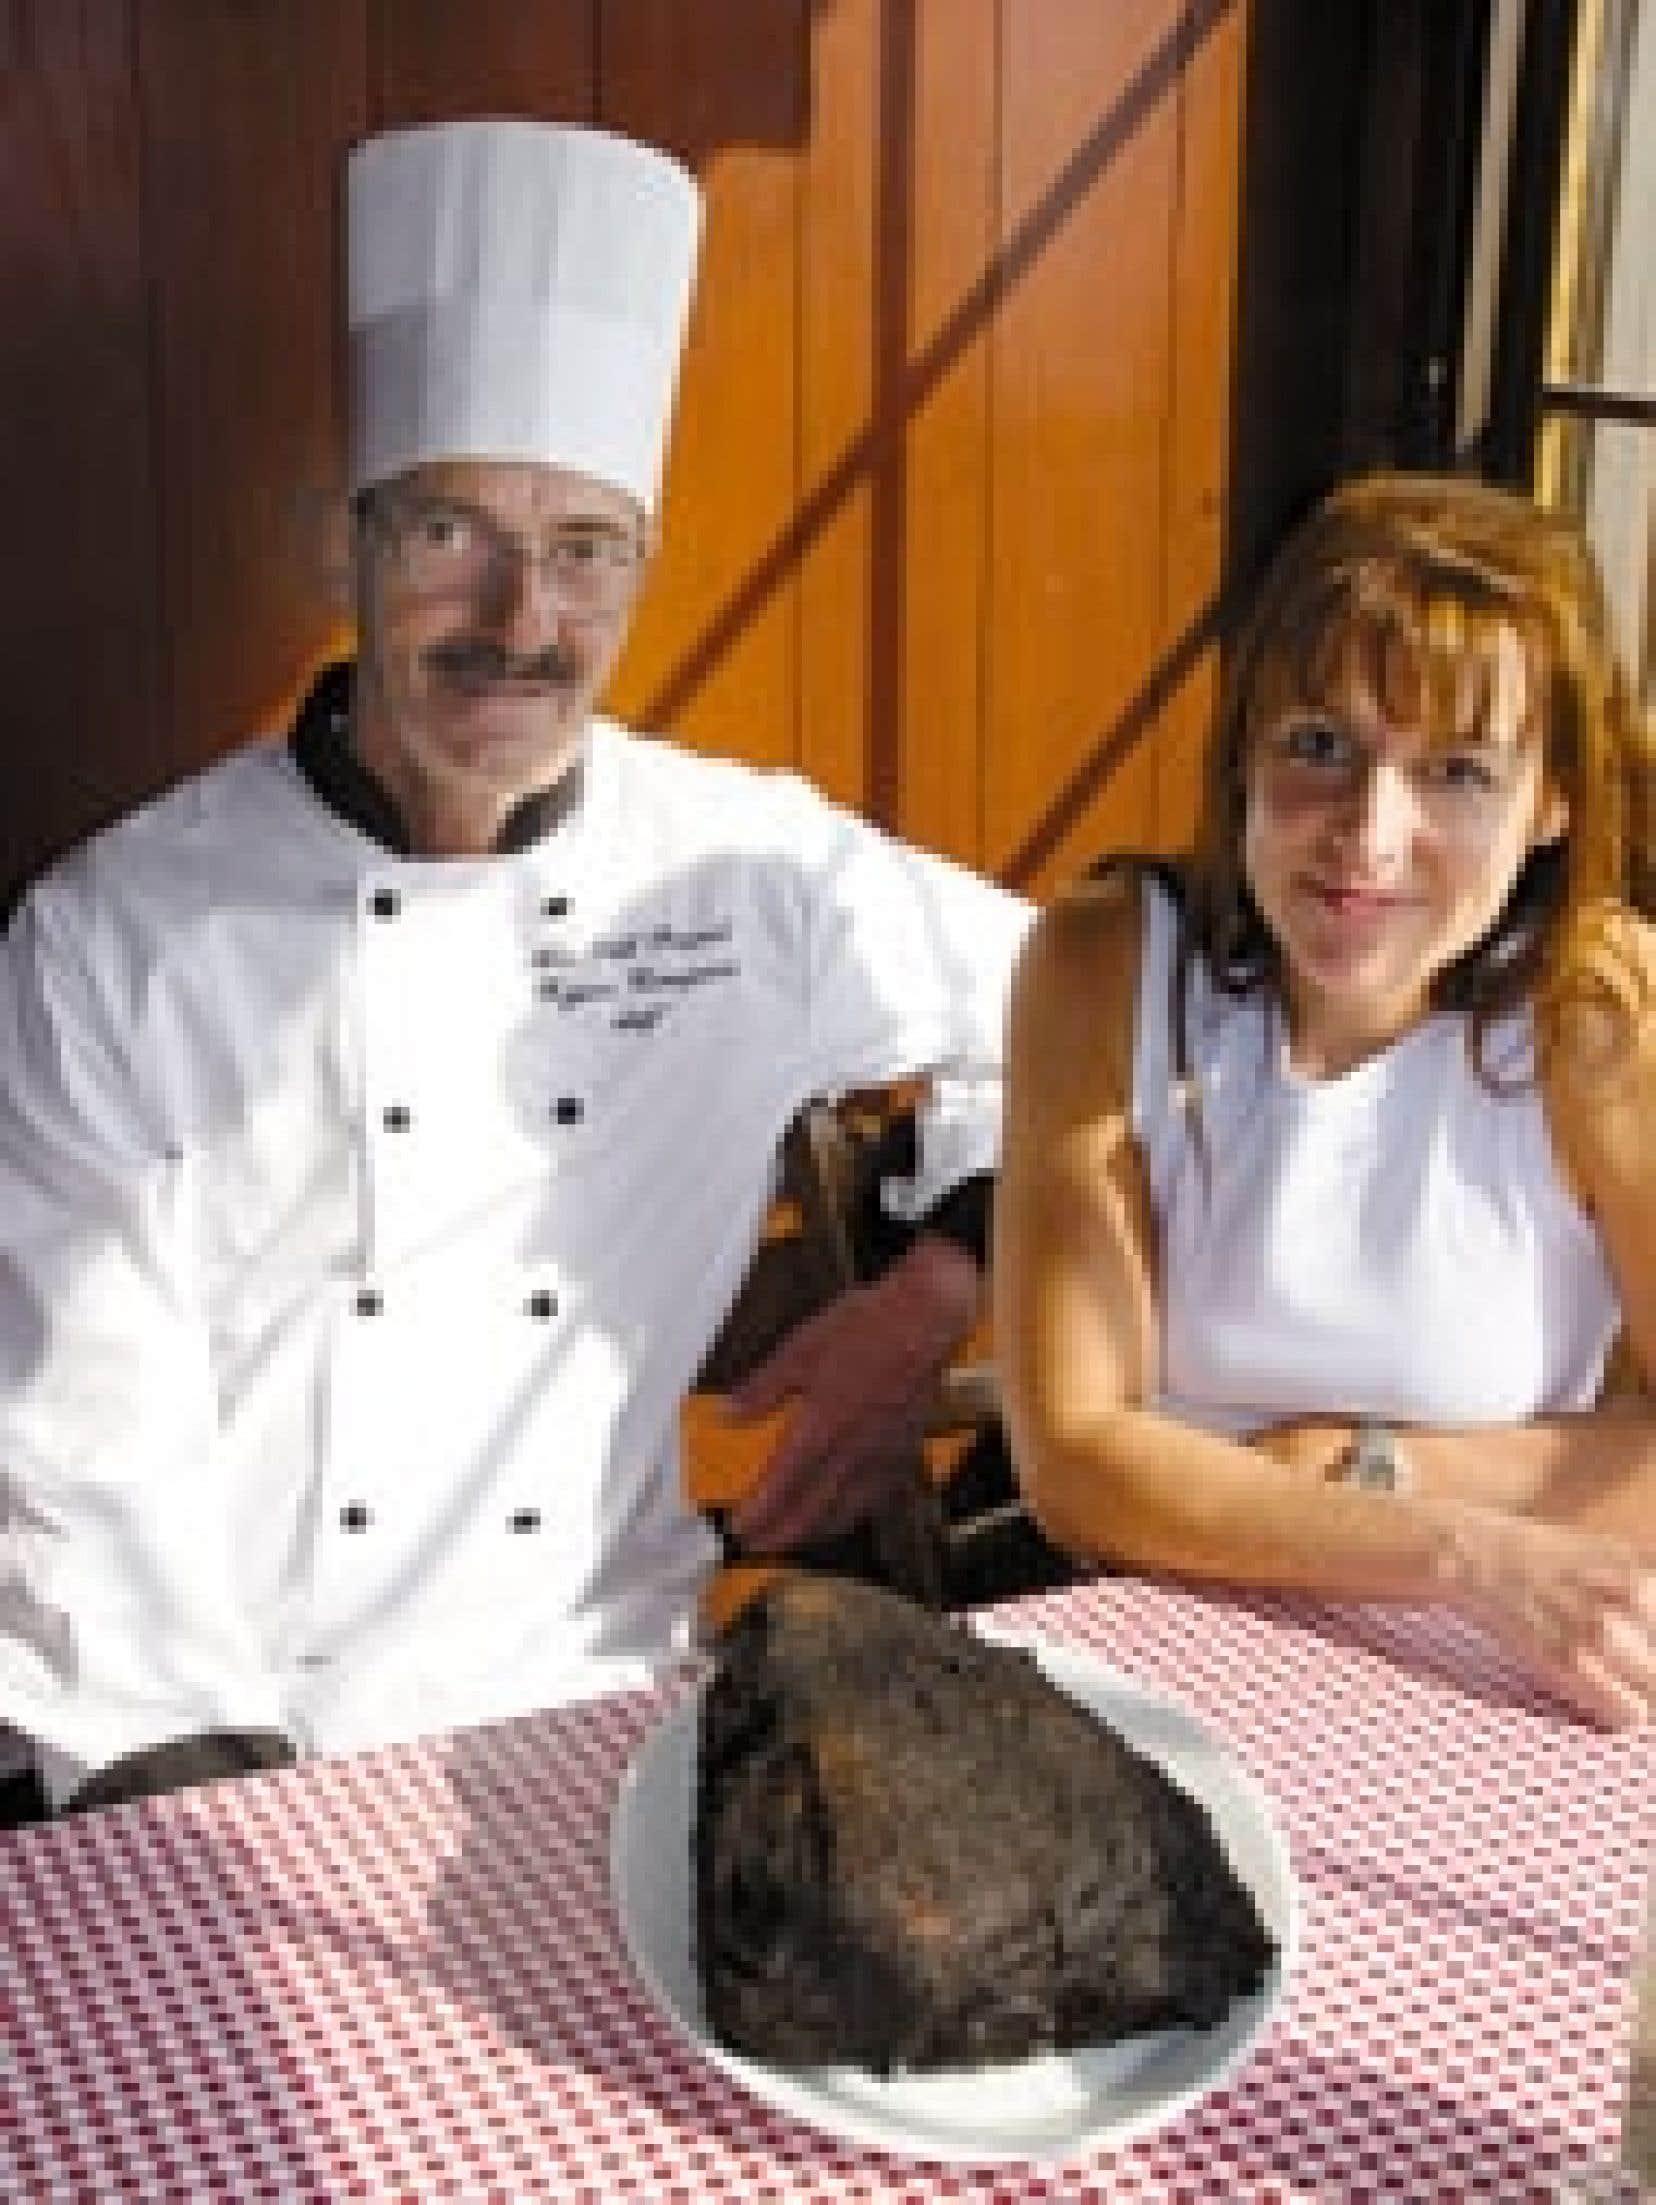 Depuis un an, Carole Nadon, une des deux filles de la famille, gère avec charisme et dévouement les destinées de la rôtisserie Au Petit Poucet. À sa droite, Réjean Campeau, chef du restaurant.